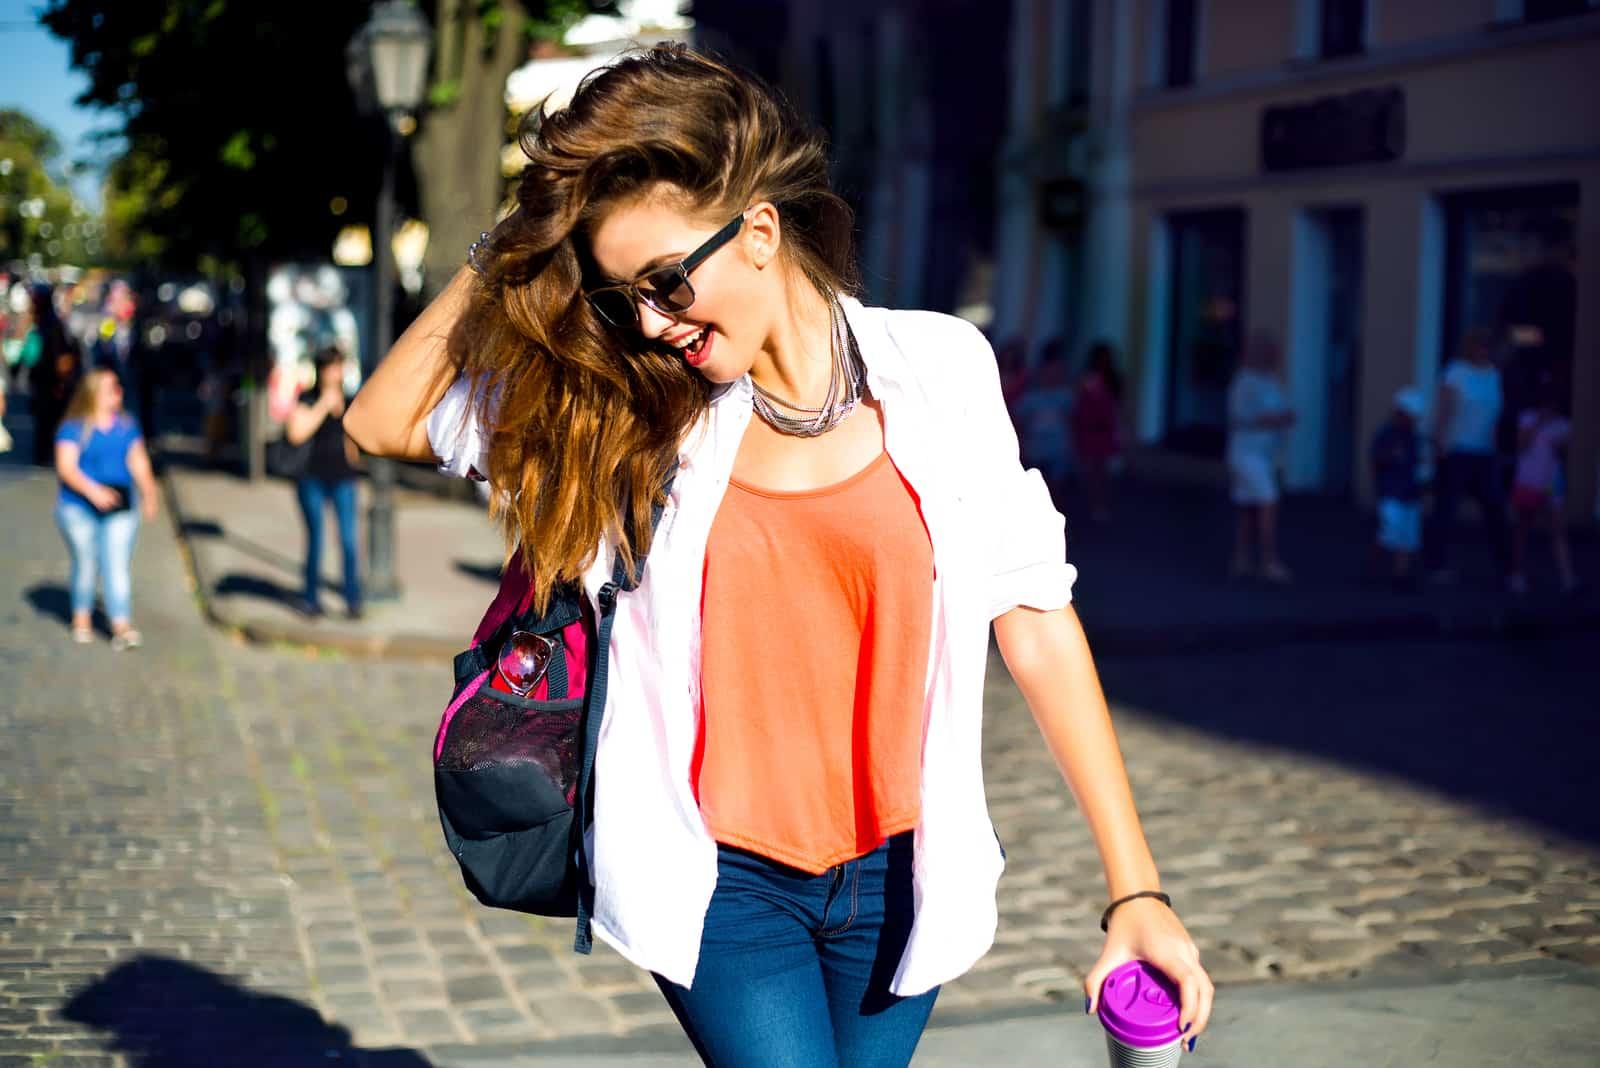 une femme aux longs cheveux bruns marche dans la rue et rit